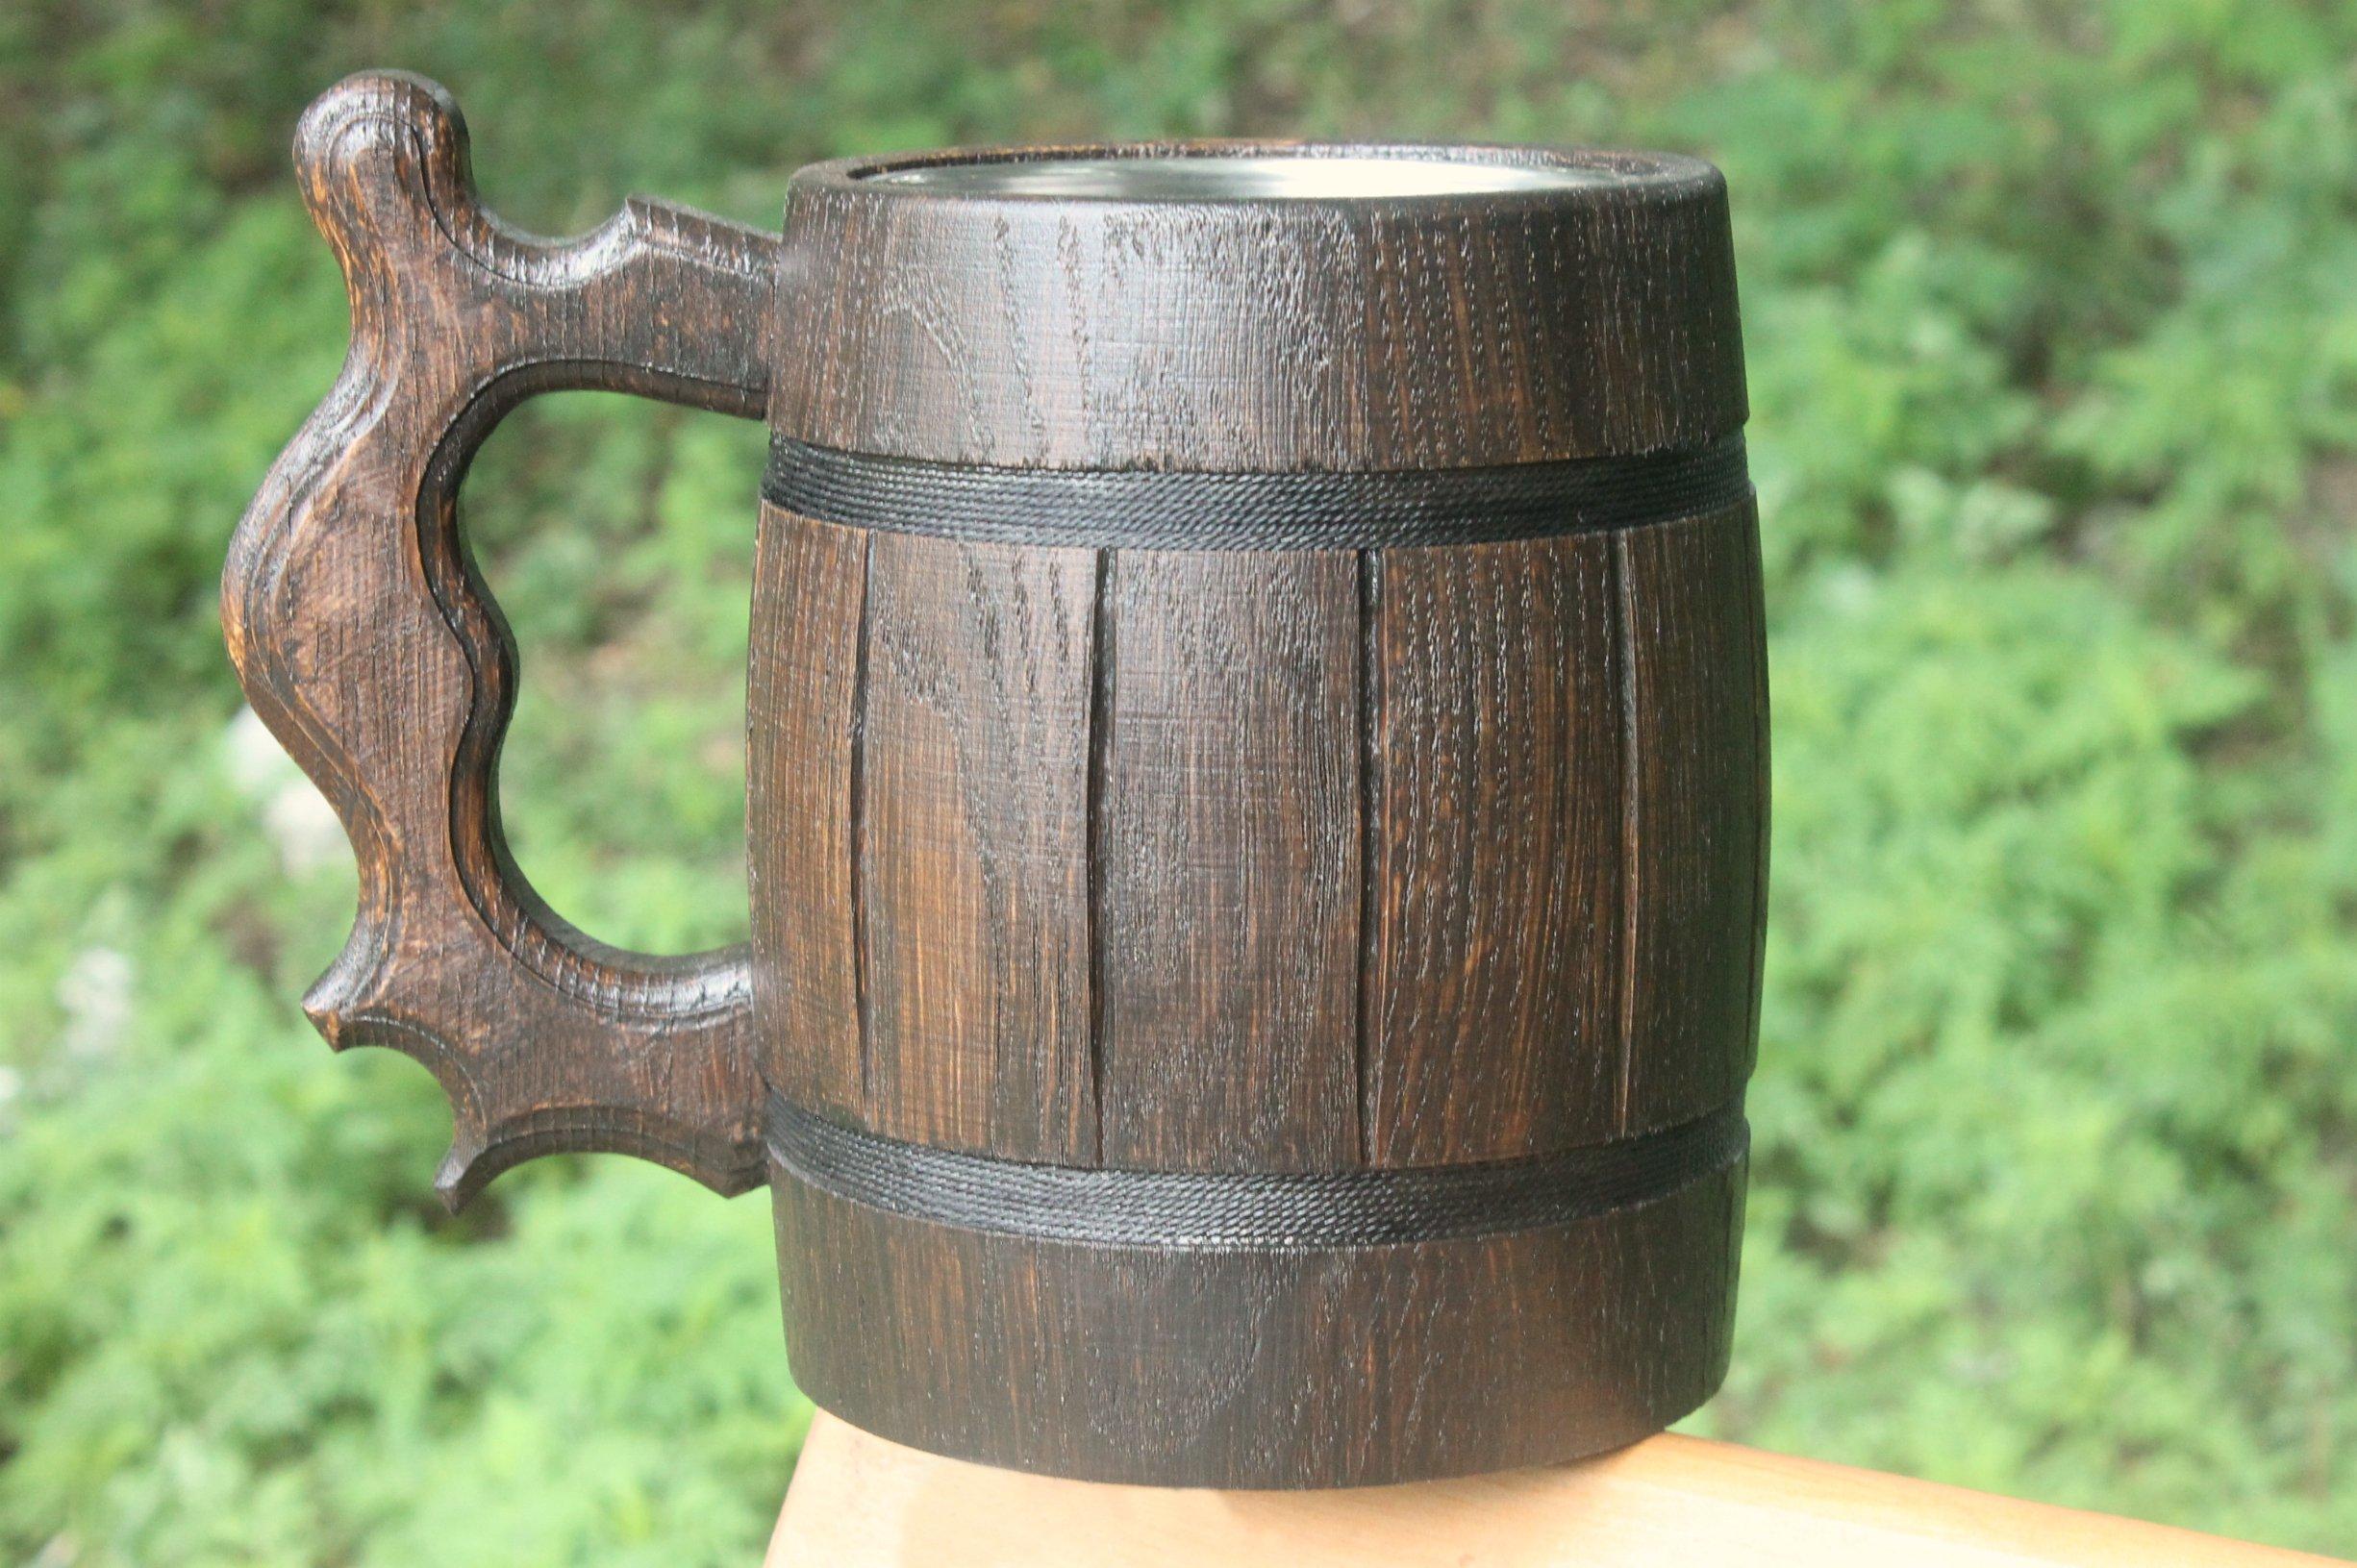 Wooden Beer Mug Eco-Friendly 20oz 0.6L Stainless Steel Cup Men Brown Wood Tankard Wedding Gift Beer Mug by WorldMaker   Exclusive Handmade goods (Image #4)